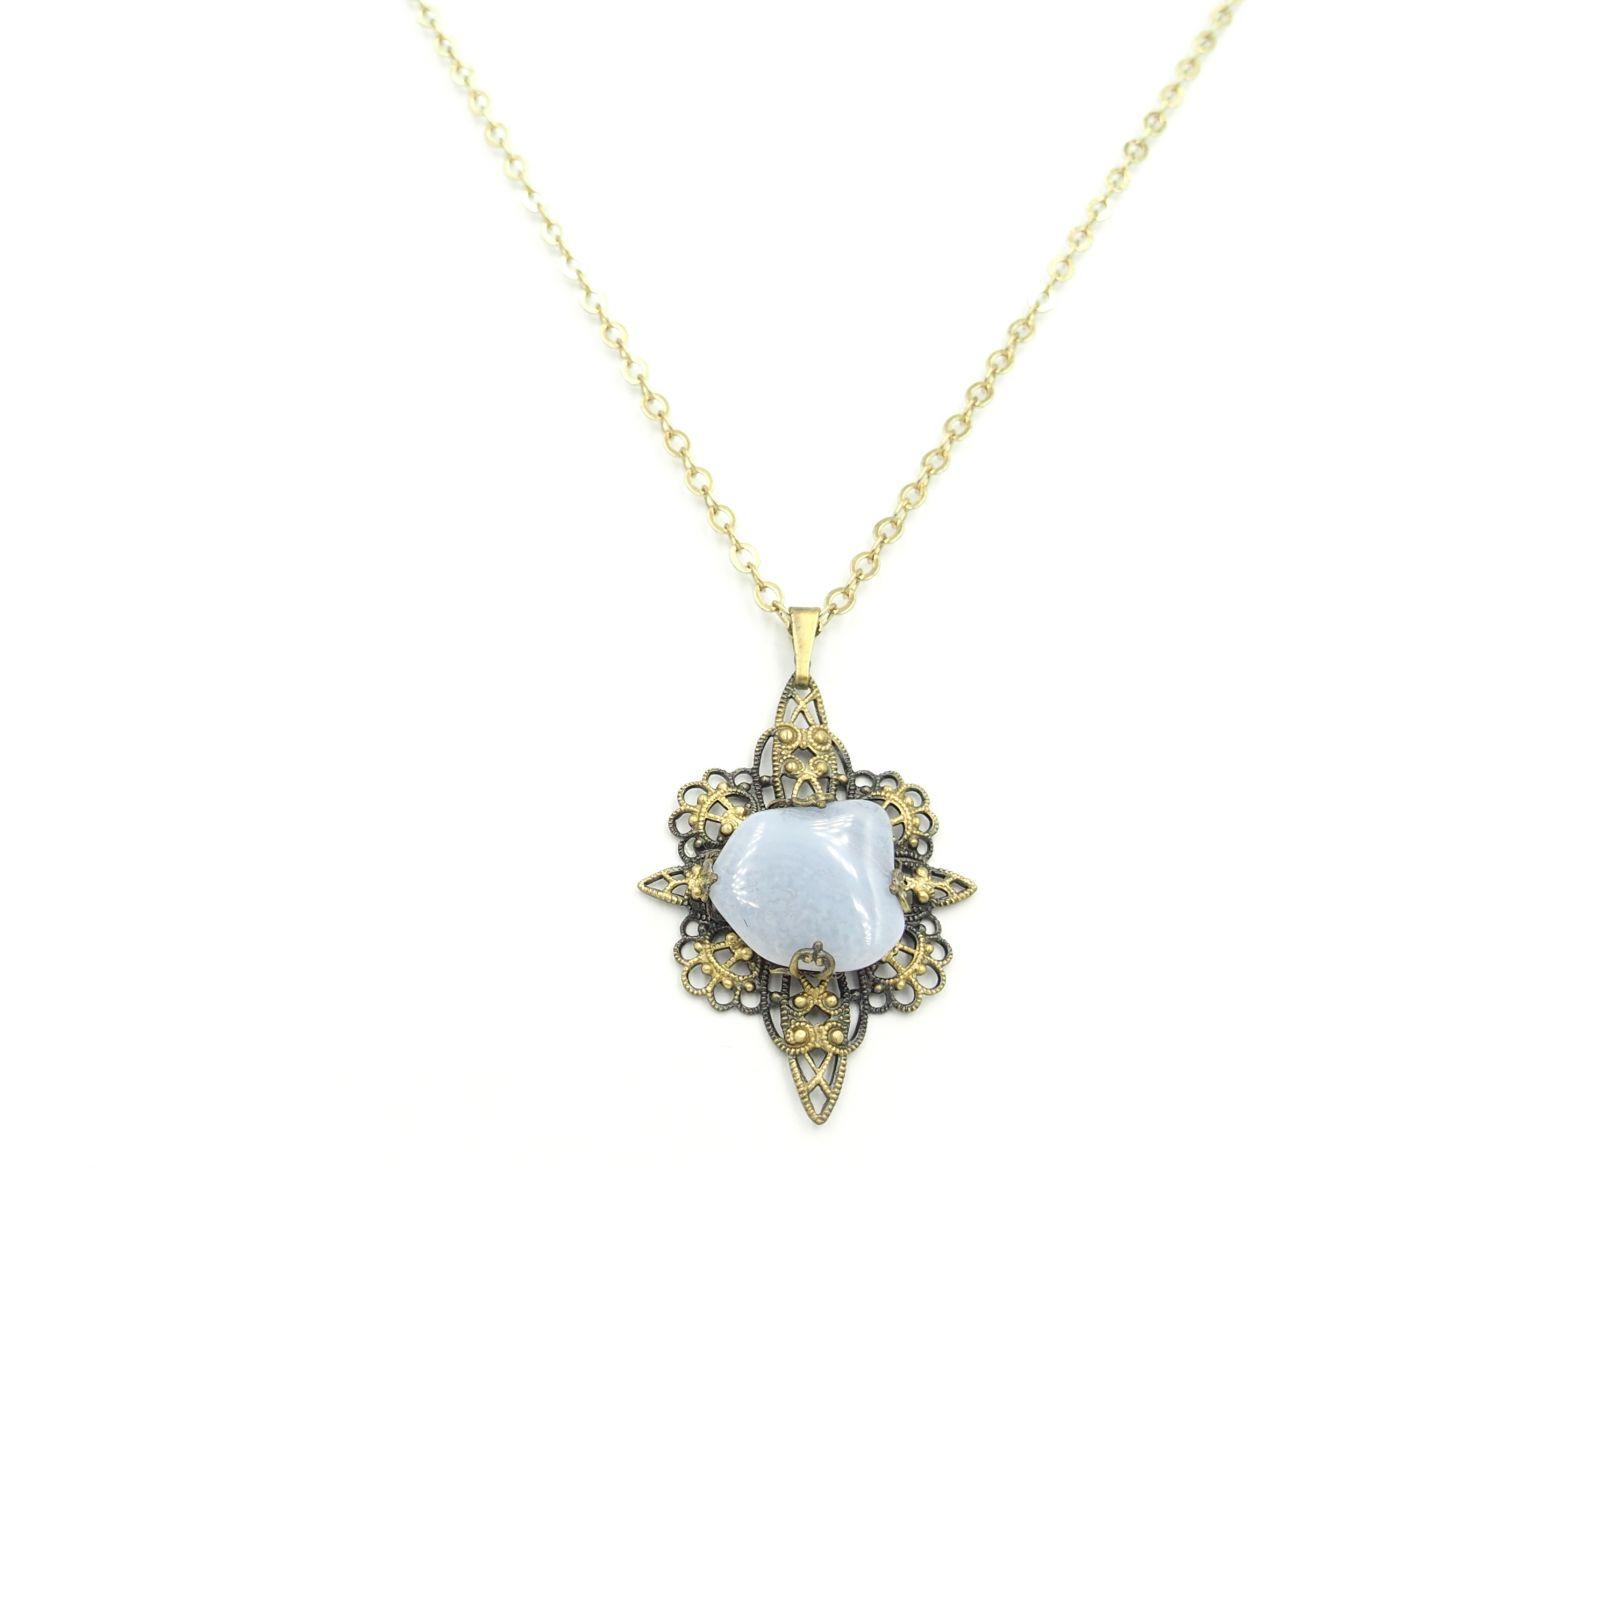 náhrdelník s přívěskem (g)